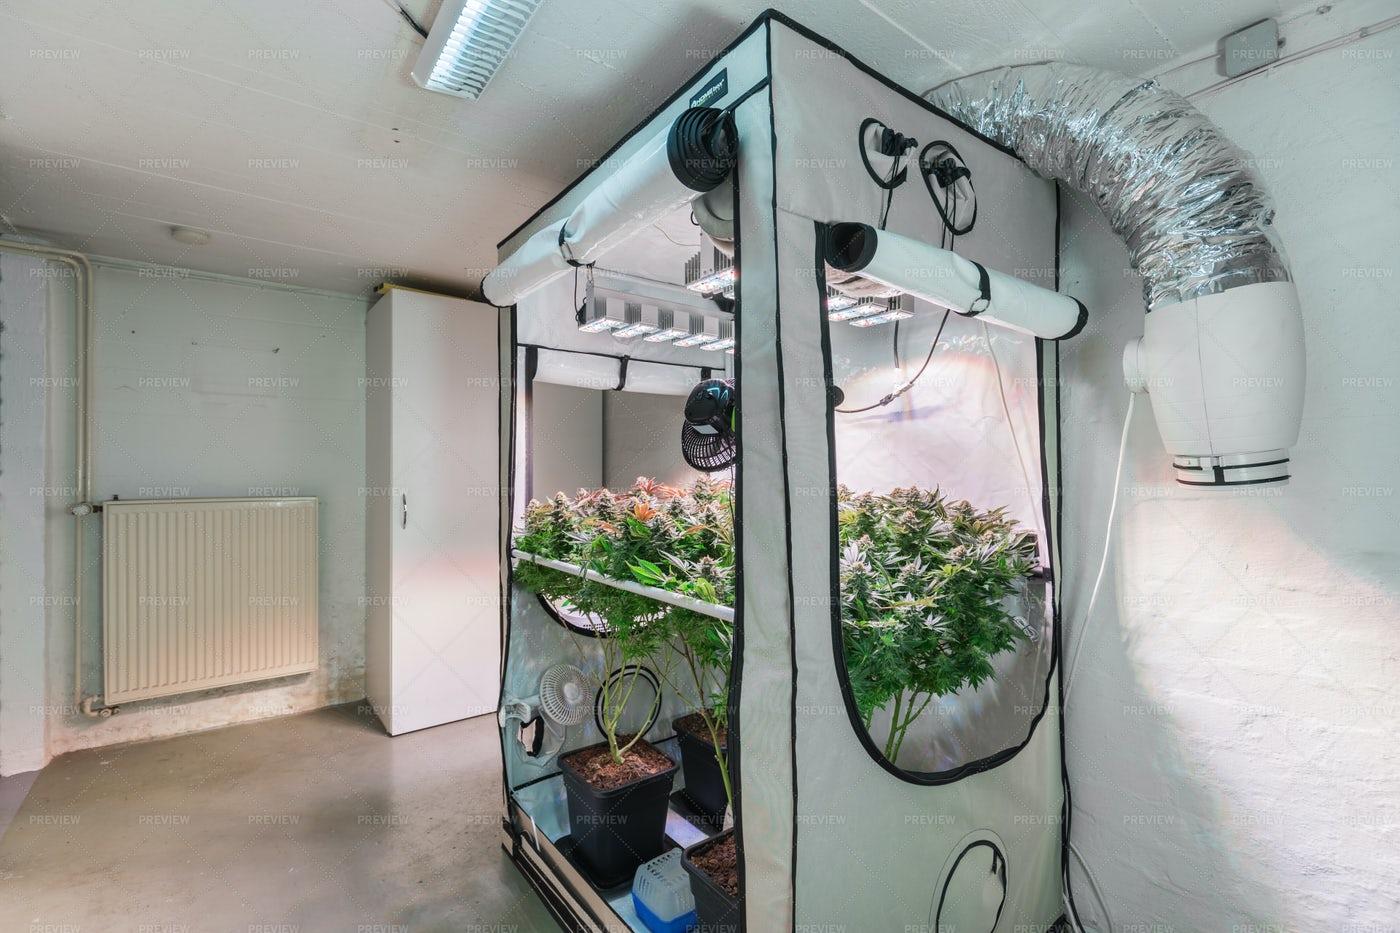 Cannabis Growing Indoors: Stock Photos